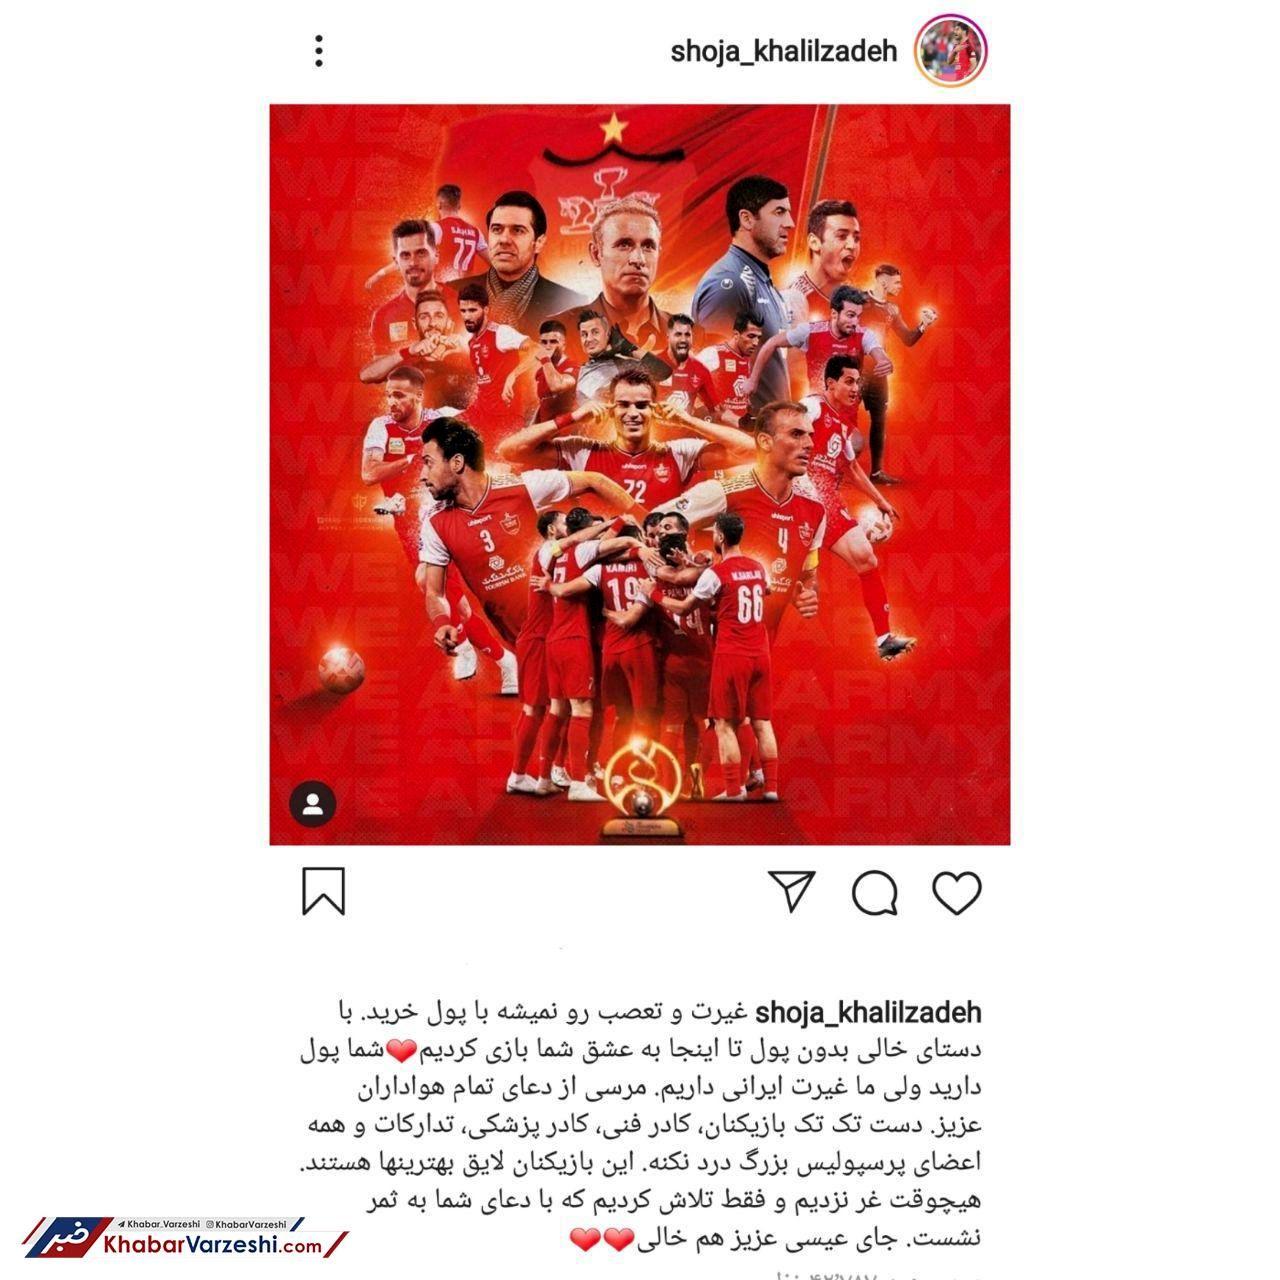 عکس| شجاع: شما پول دارید، ما غیرت ایرانی